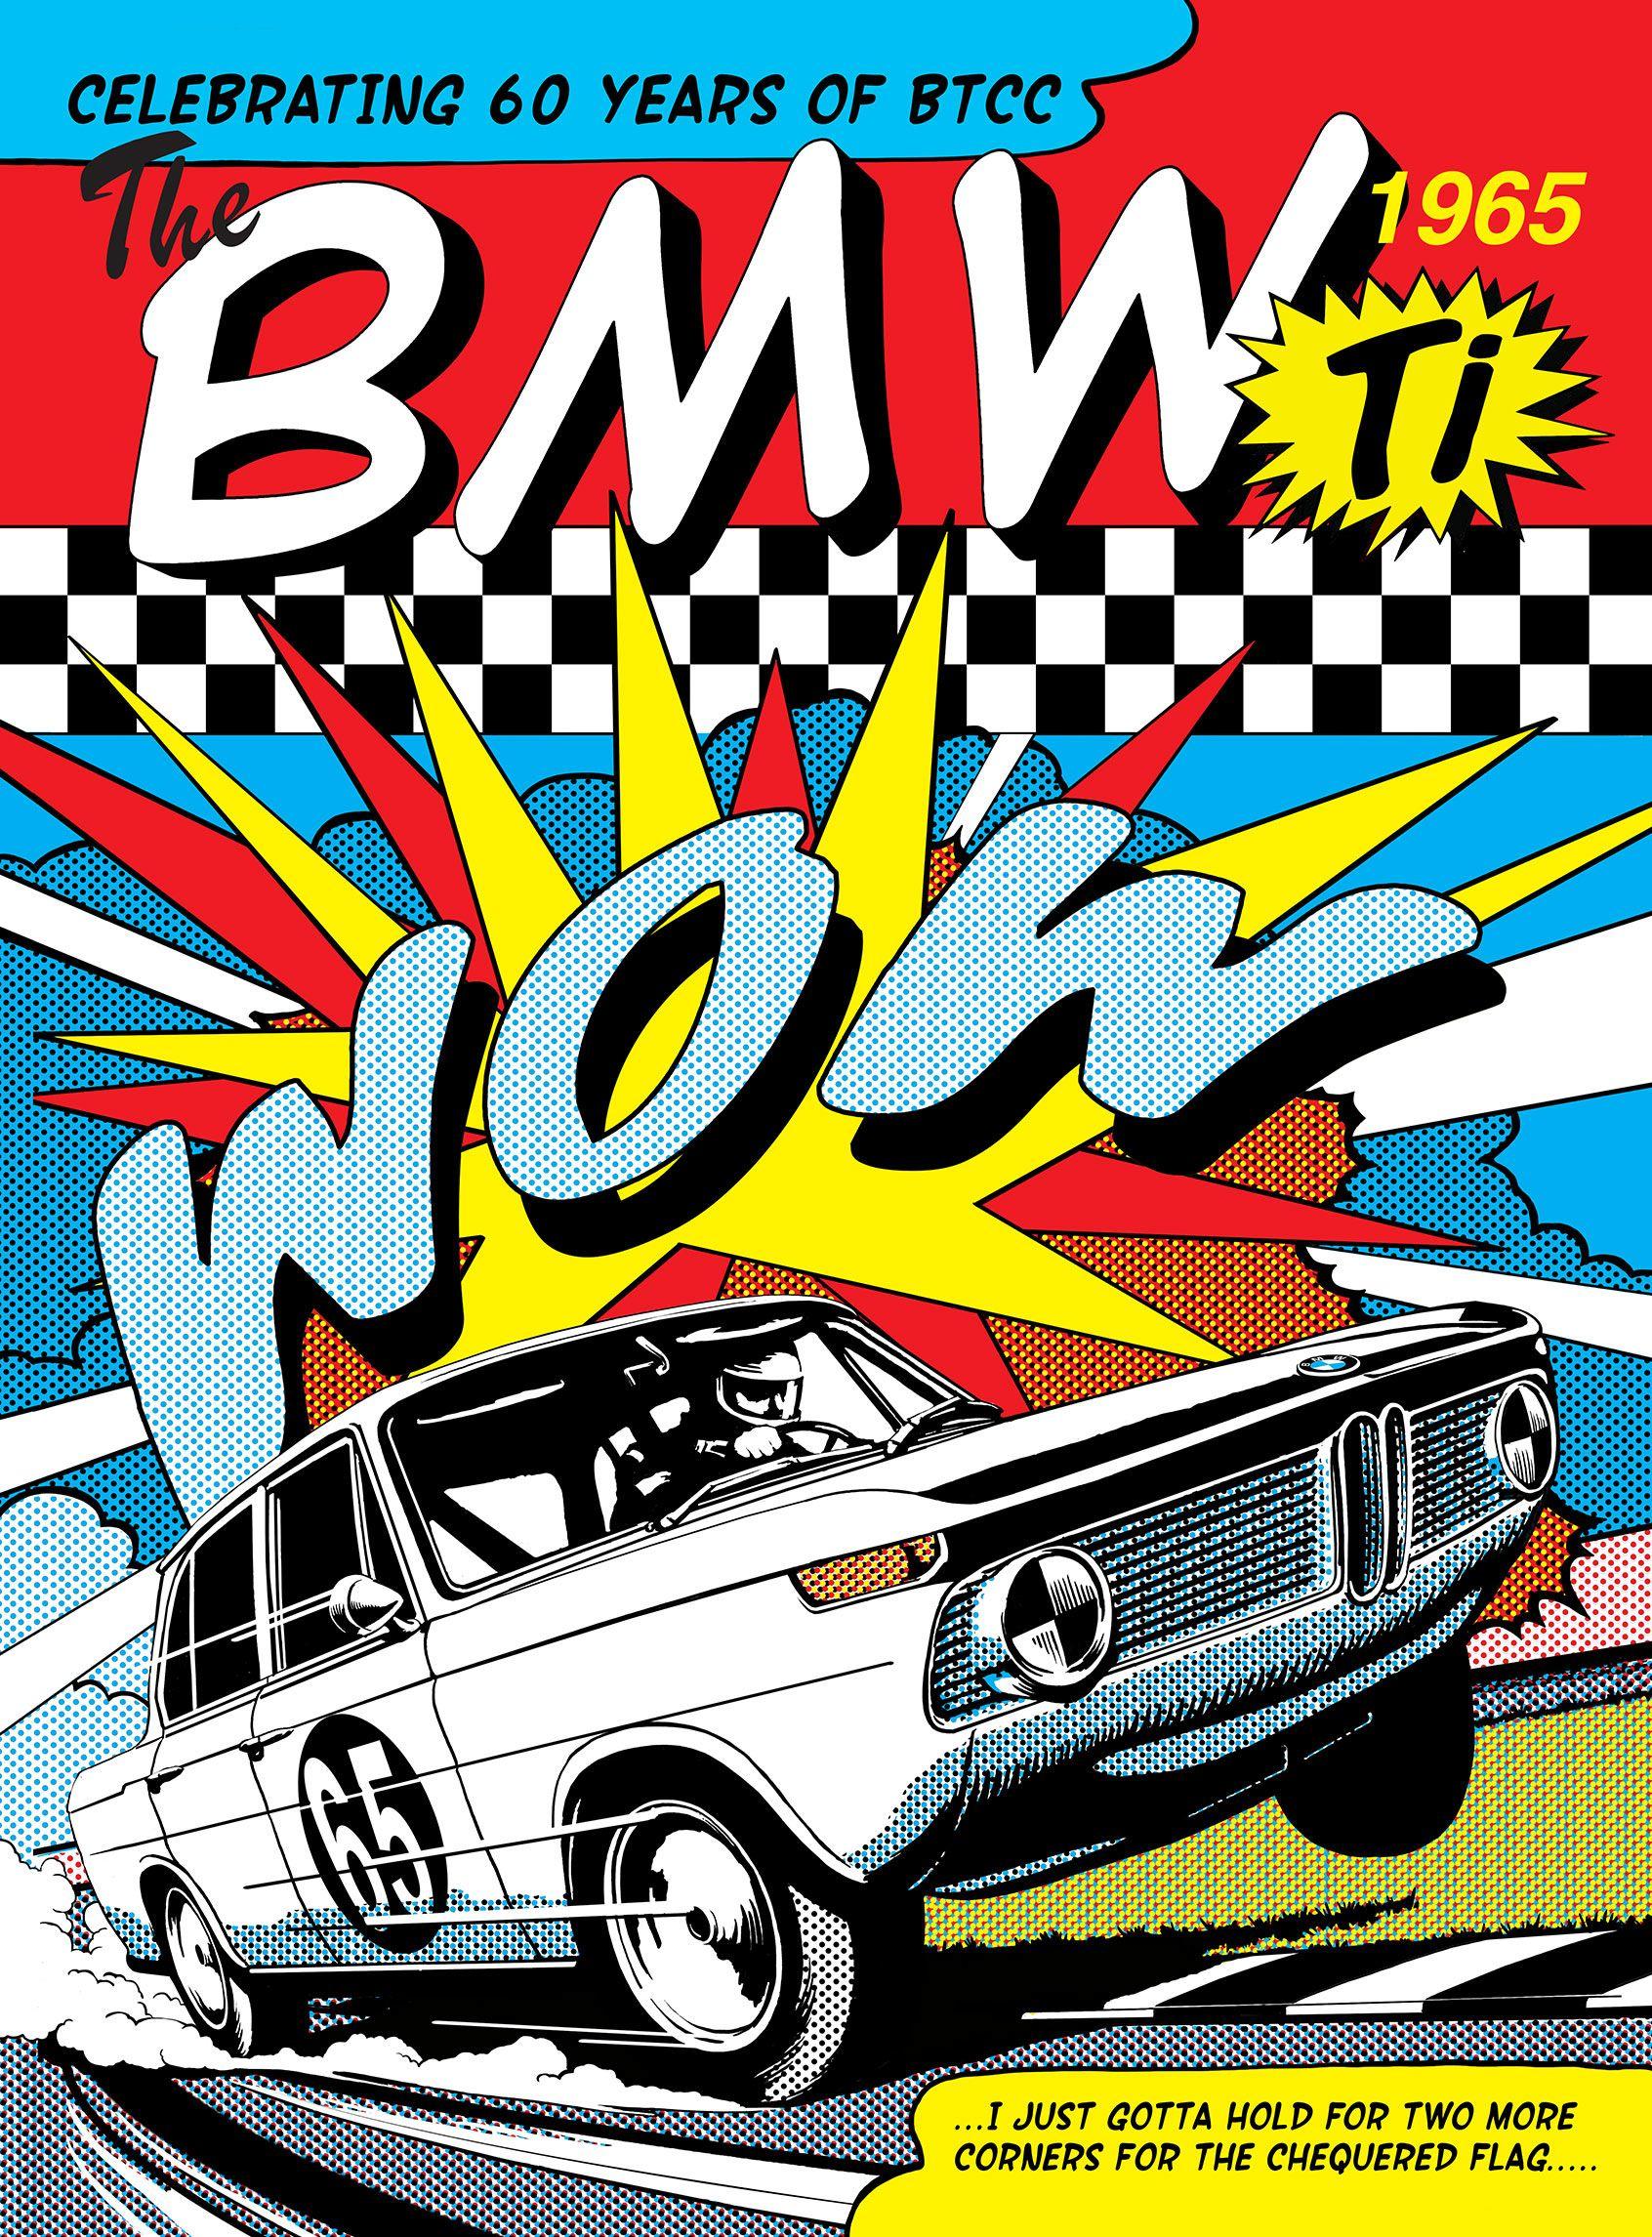 Illustration Meiklejohn Garrywalton Bmw Car Poster Travel Transport Pastiche Popart Digital Bmw Art Bmw Vintage Art Cars